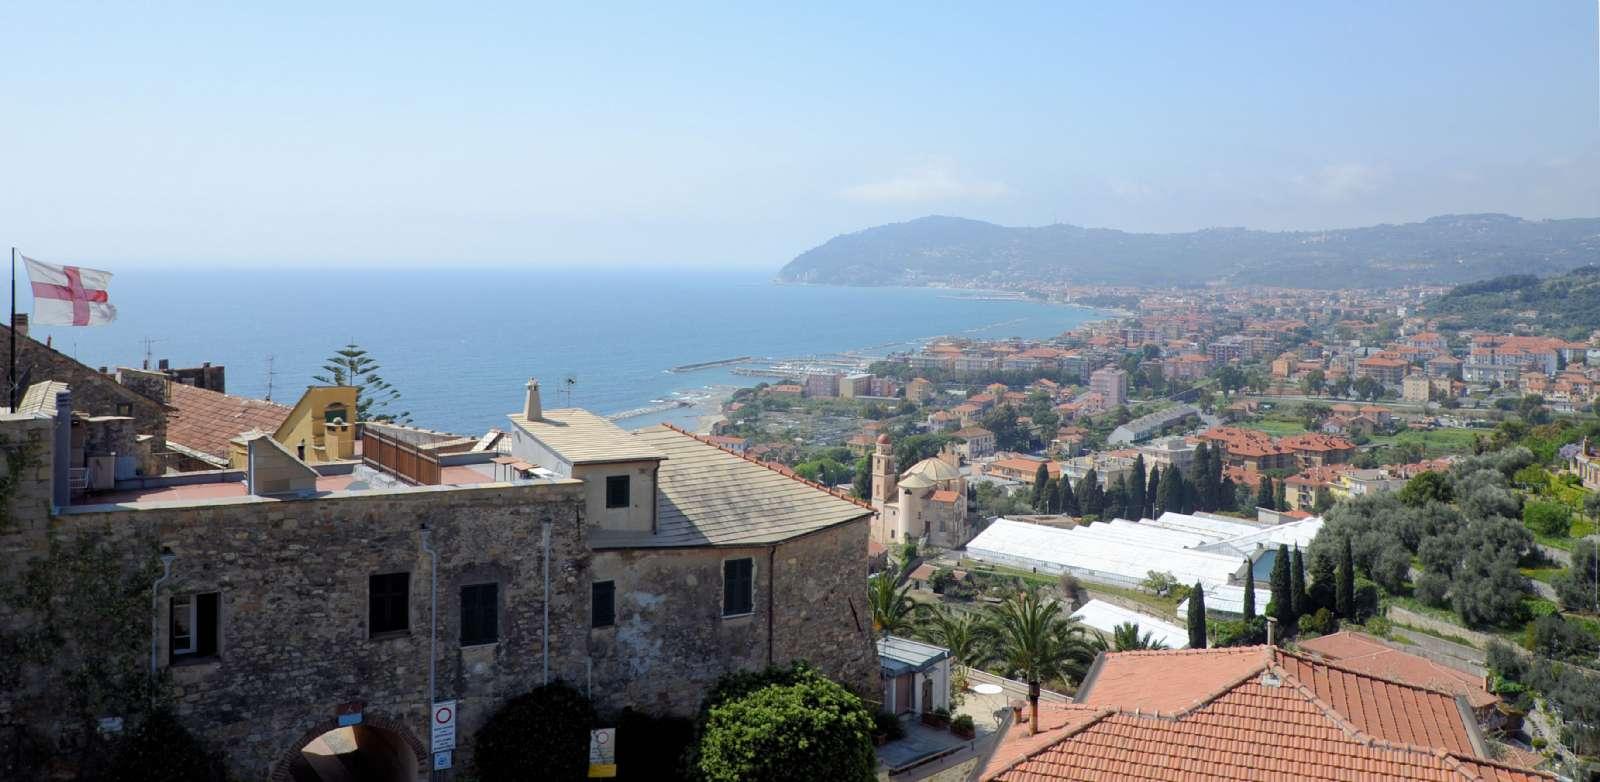 Udsigt fra den fælles tagterrasse mod nabobyerne Diano Marina og San Bartolomeo al Mare